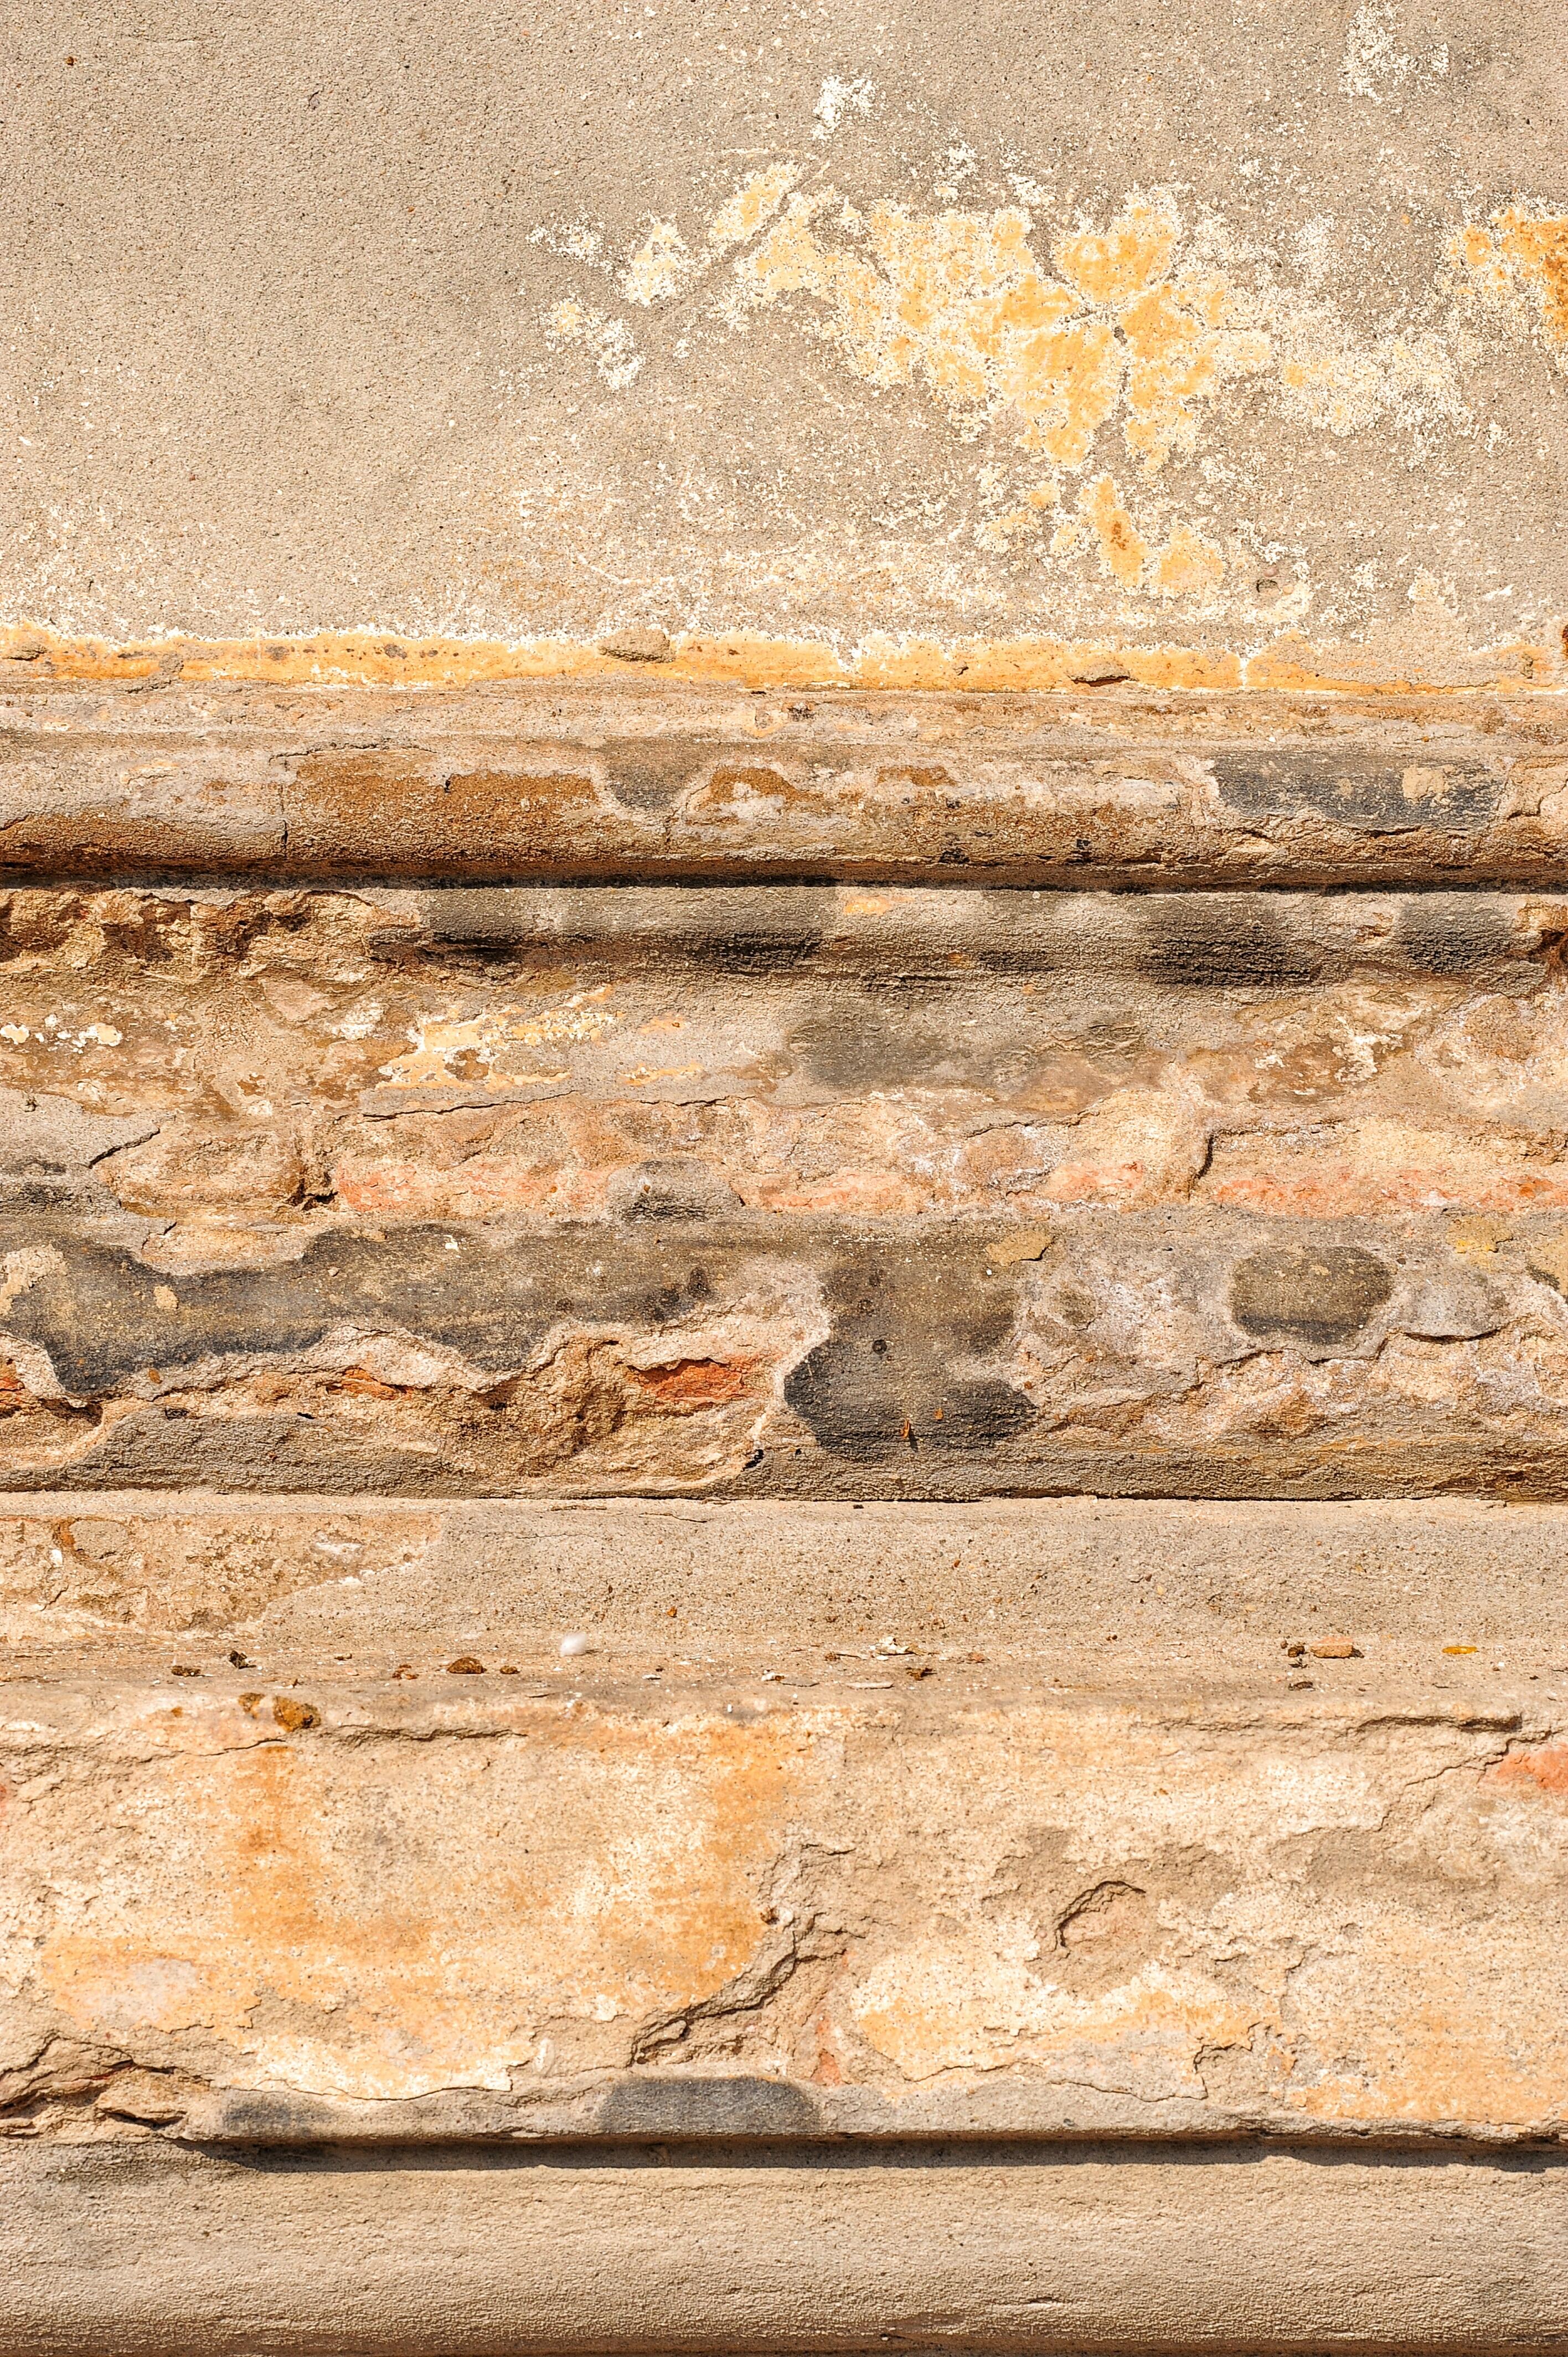 Fotos gratis : rock, madera, textura, piso, pared, color, pintar ...